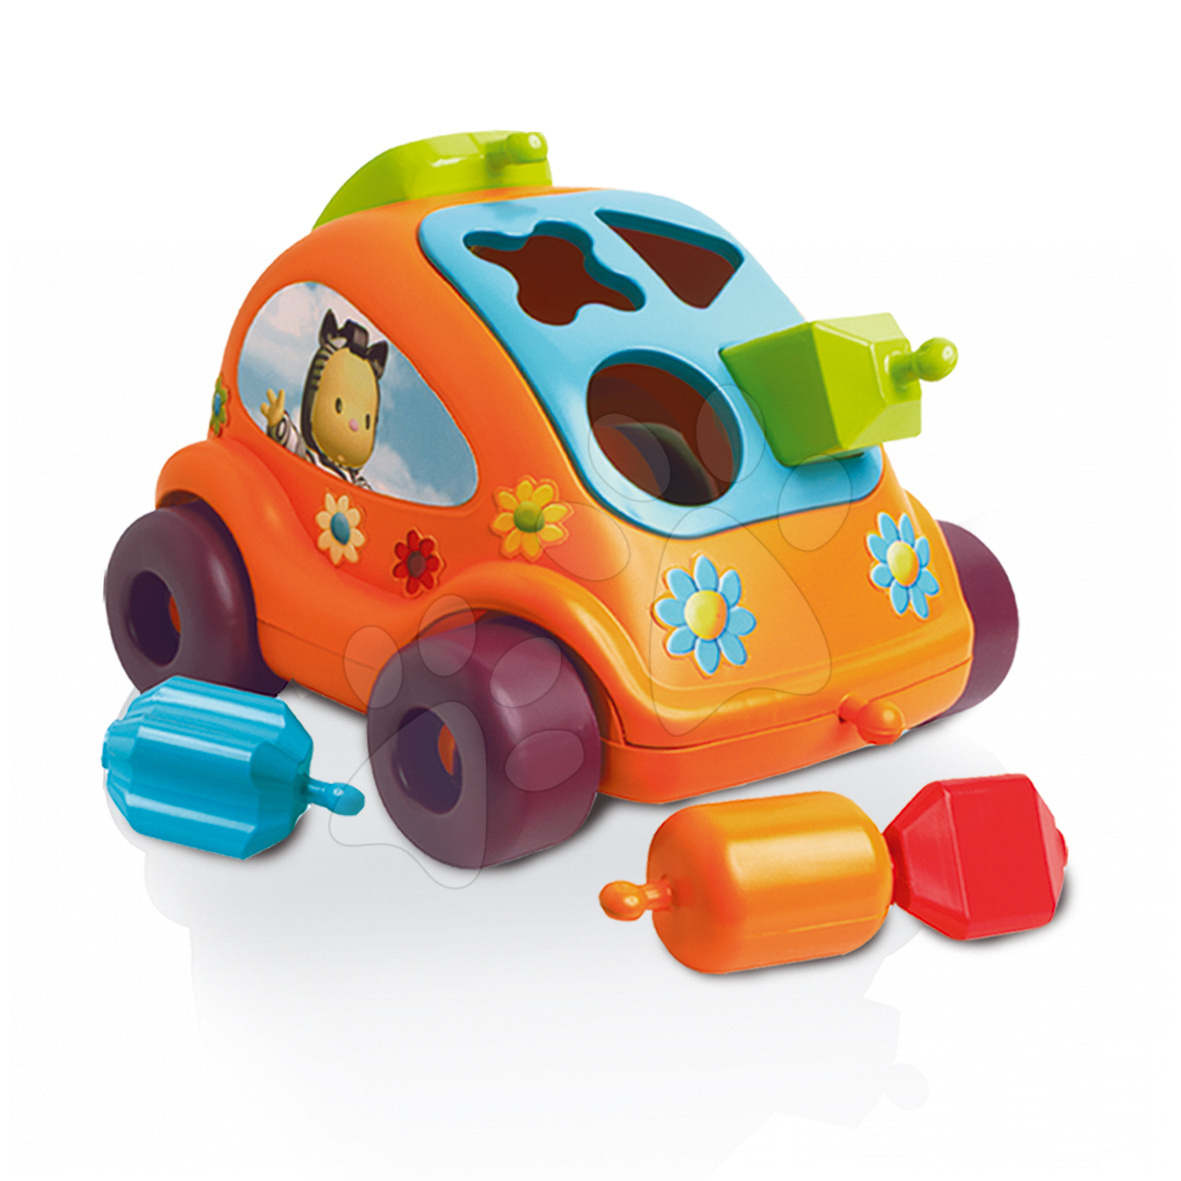 Maşinuţă cu forme de sortat Cotoons Smoby beetle cu cuburi portocaliu de la 12 luni